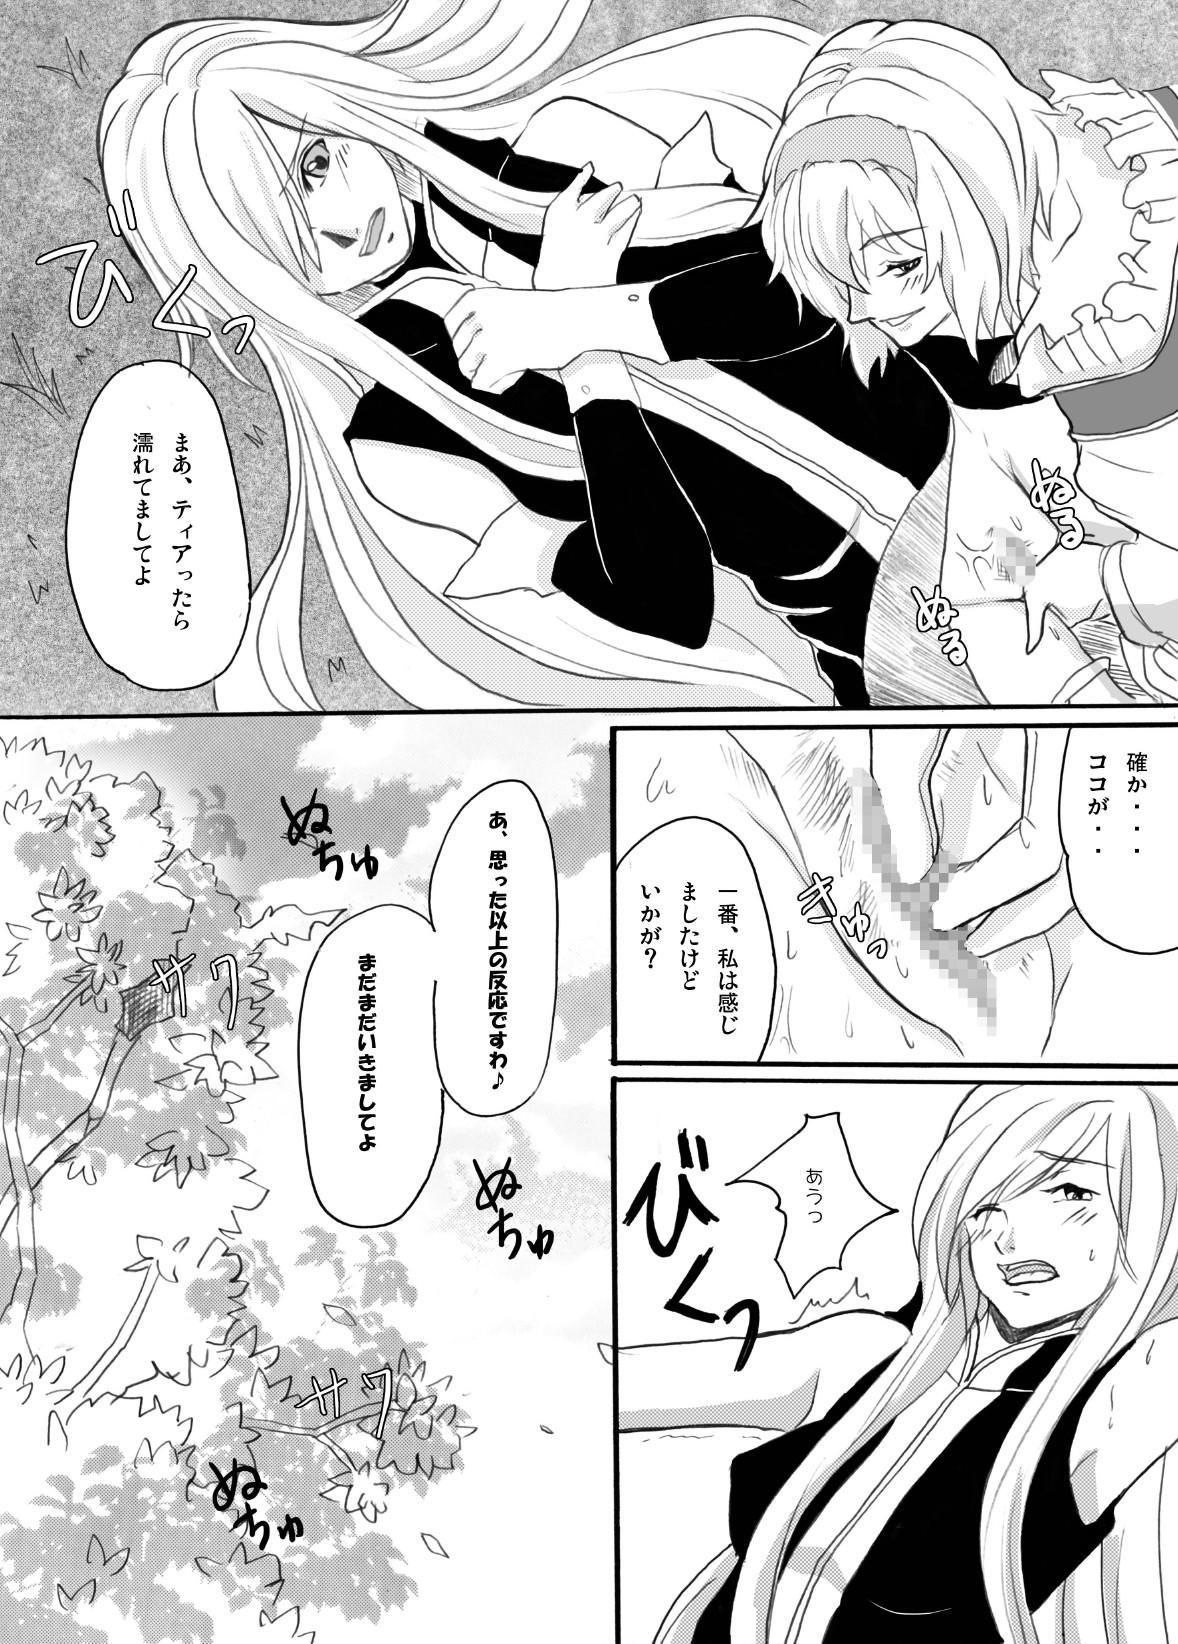 Tales no toriko 10